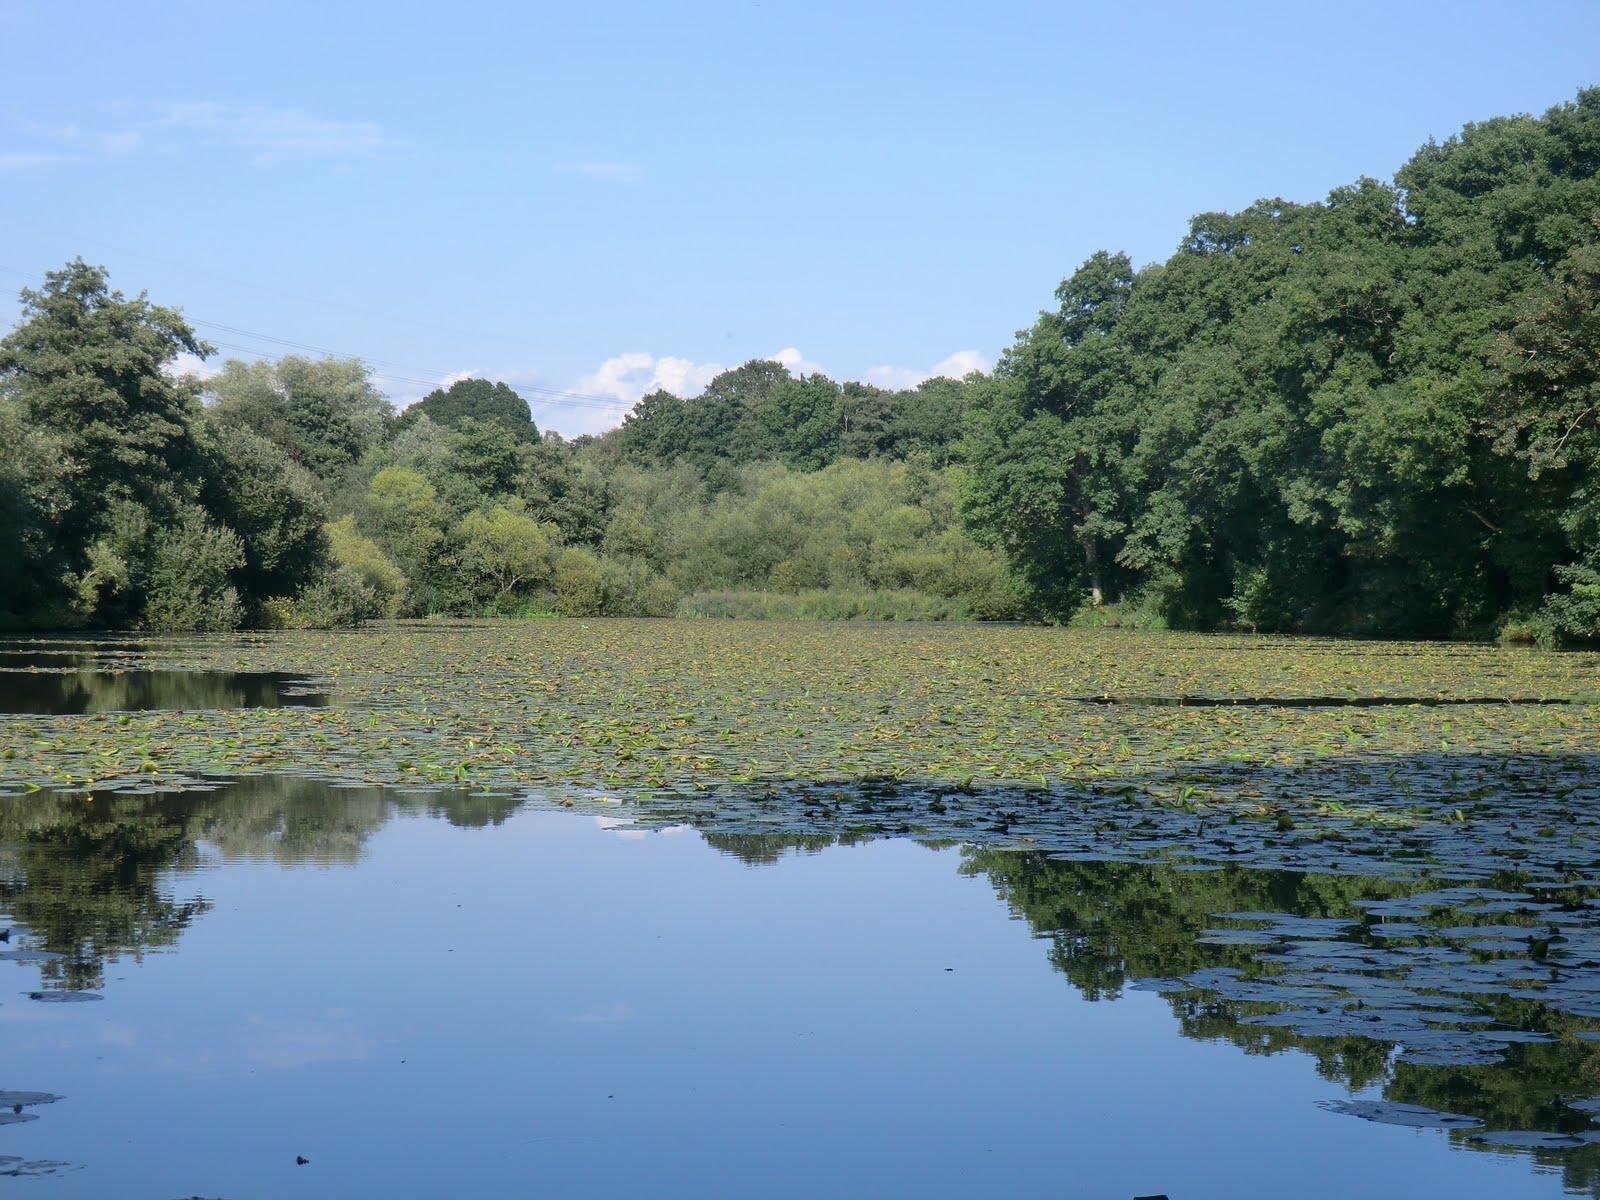 CIMG4147 Valebridge Mill Pond